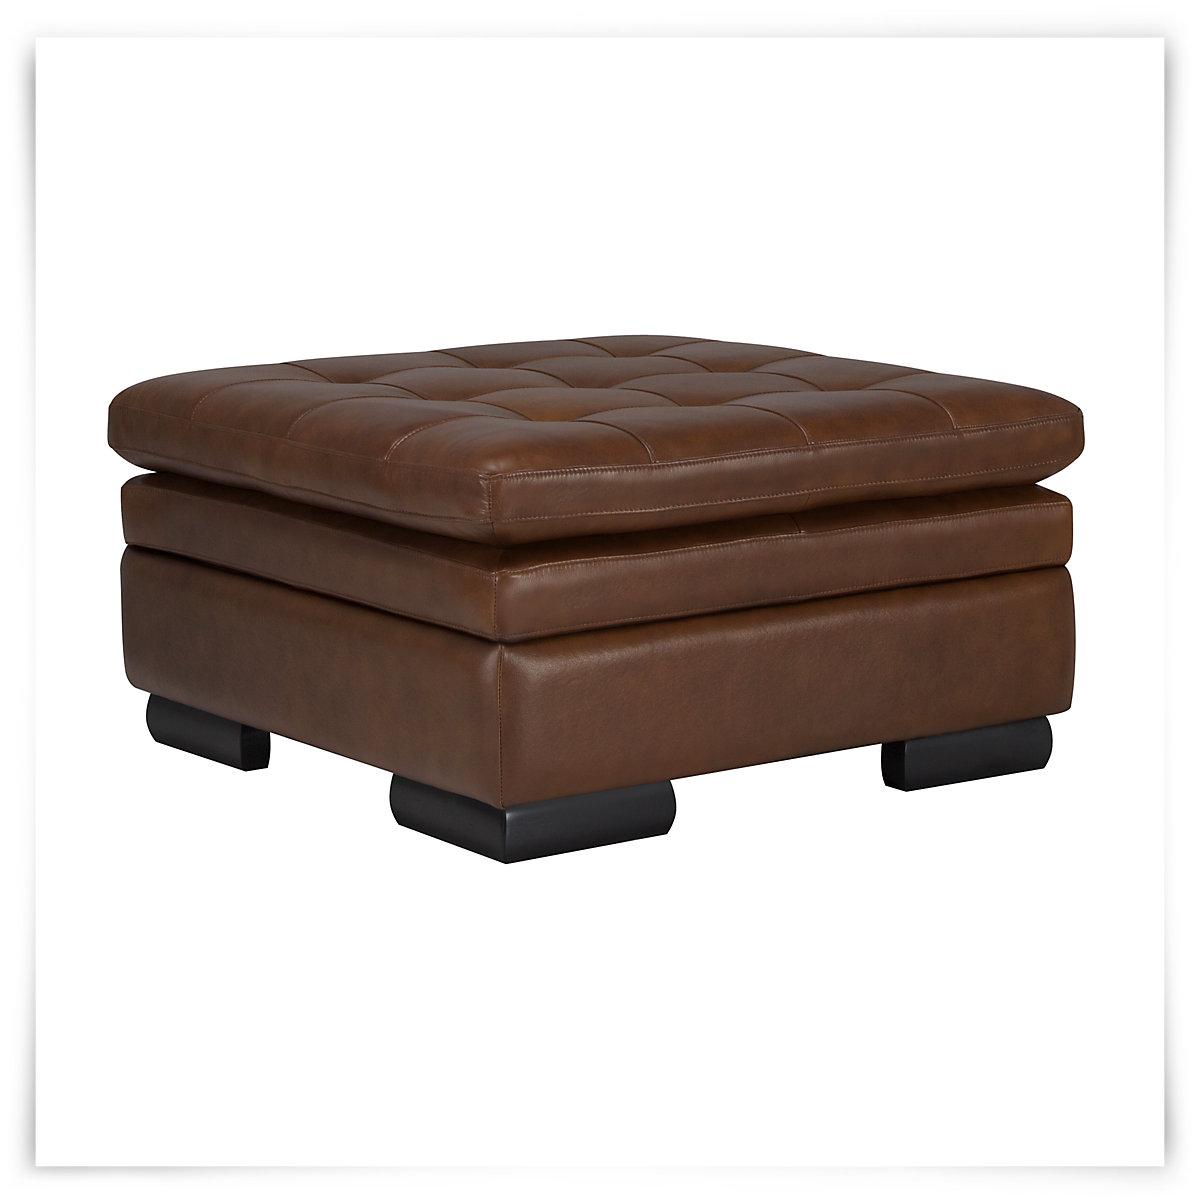 Trevor md brown leather storage ottoman